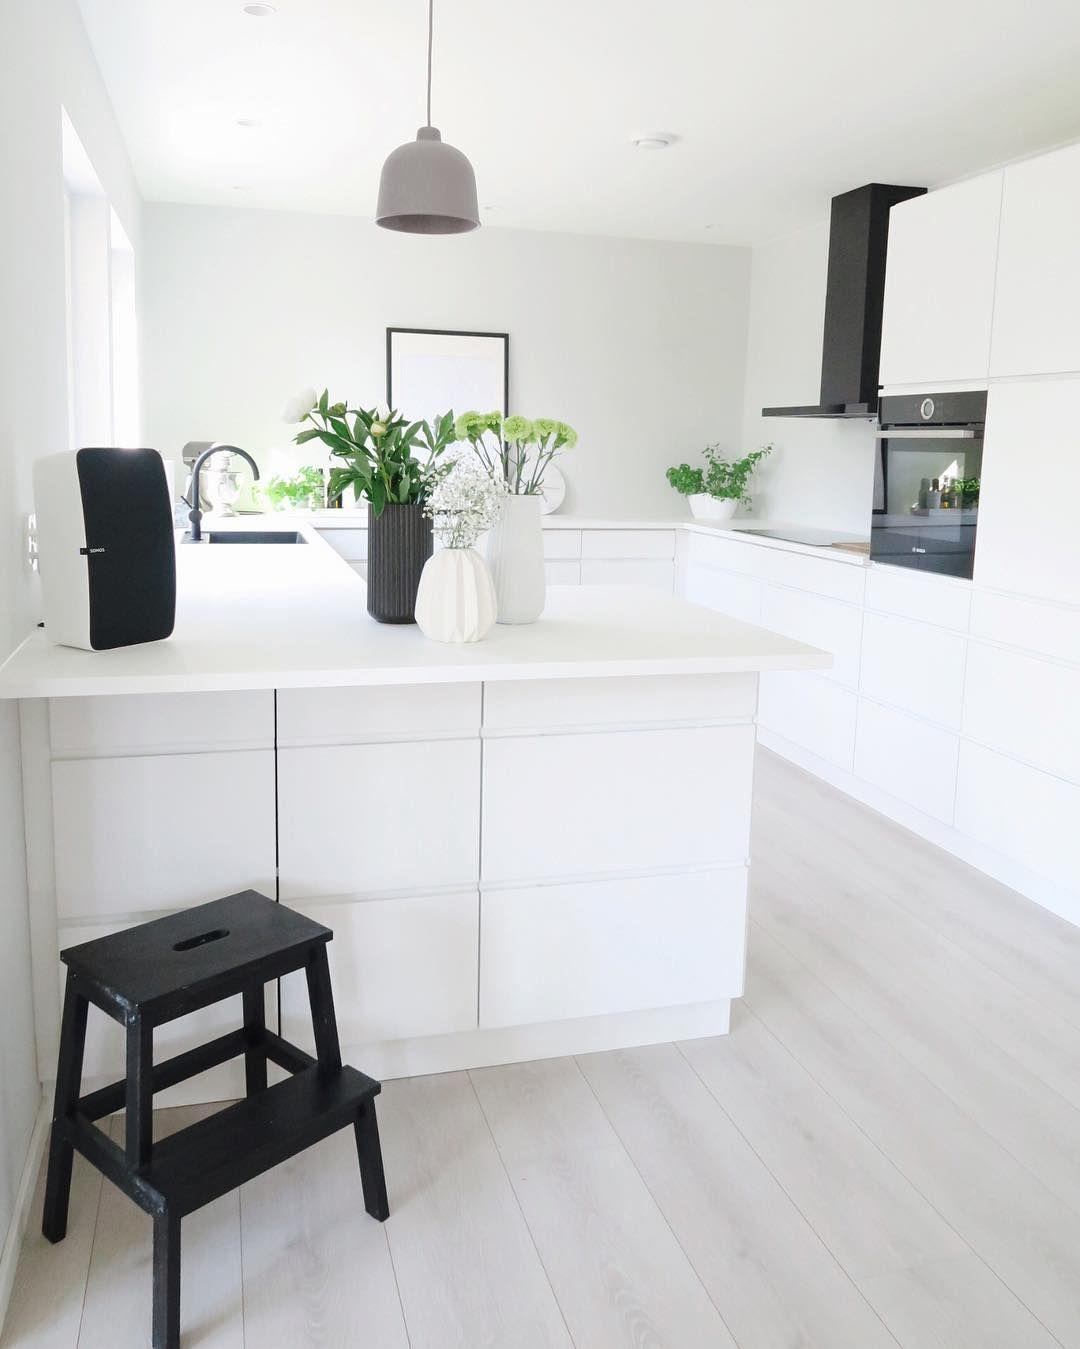 abzugshaube k che pinterest abzugshaube k che und wohnen. Black Bedroom Furniture Sets. Home Design Ideas